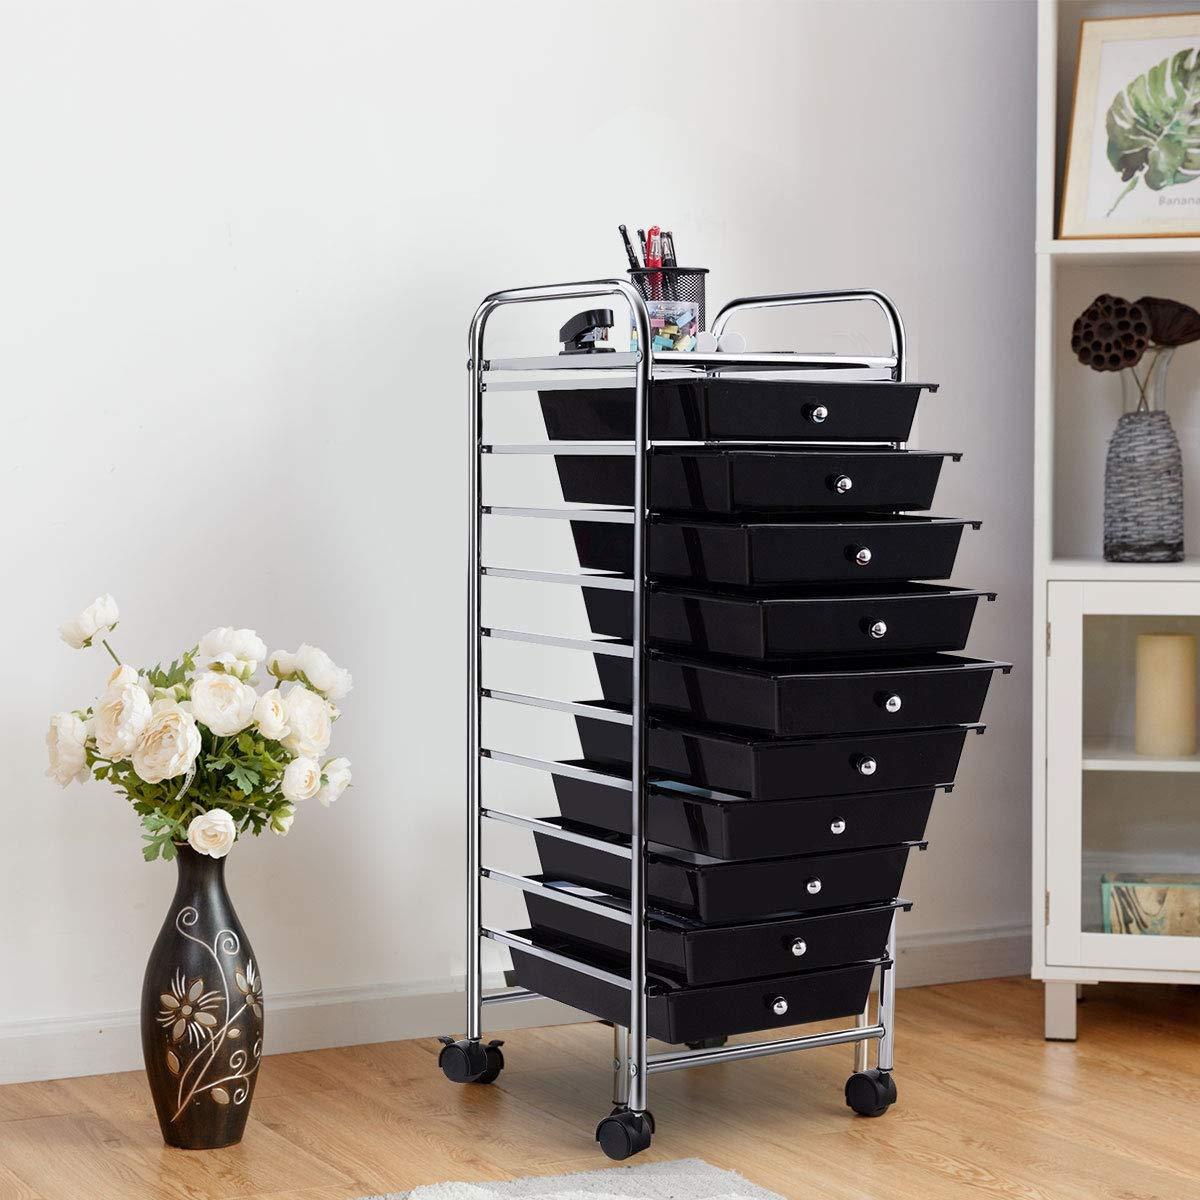 AchieveUSA 10 Drawer Rolling Storage Cart Organizer